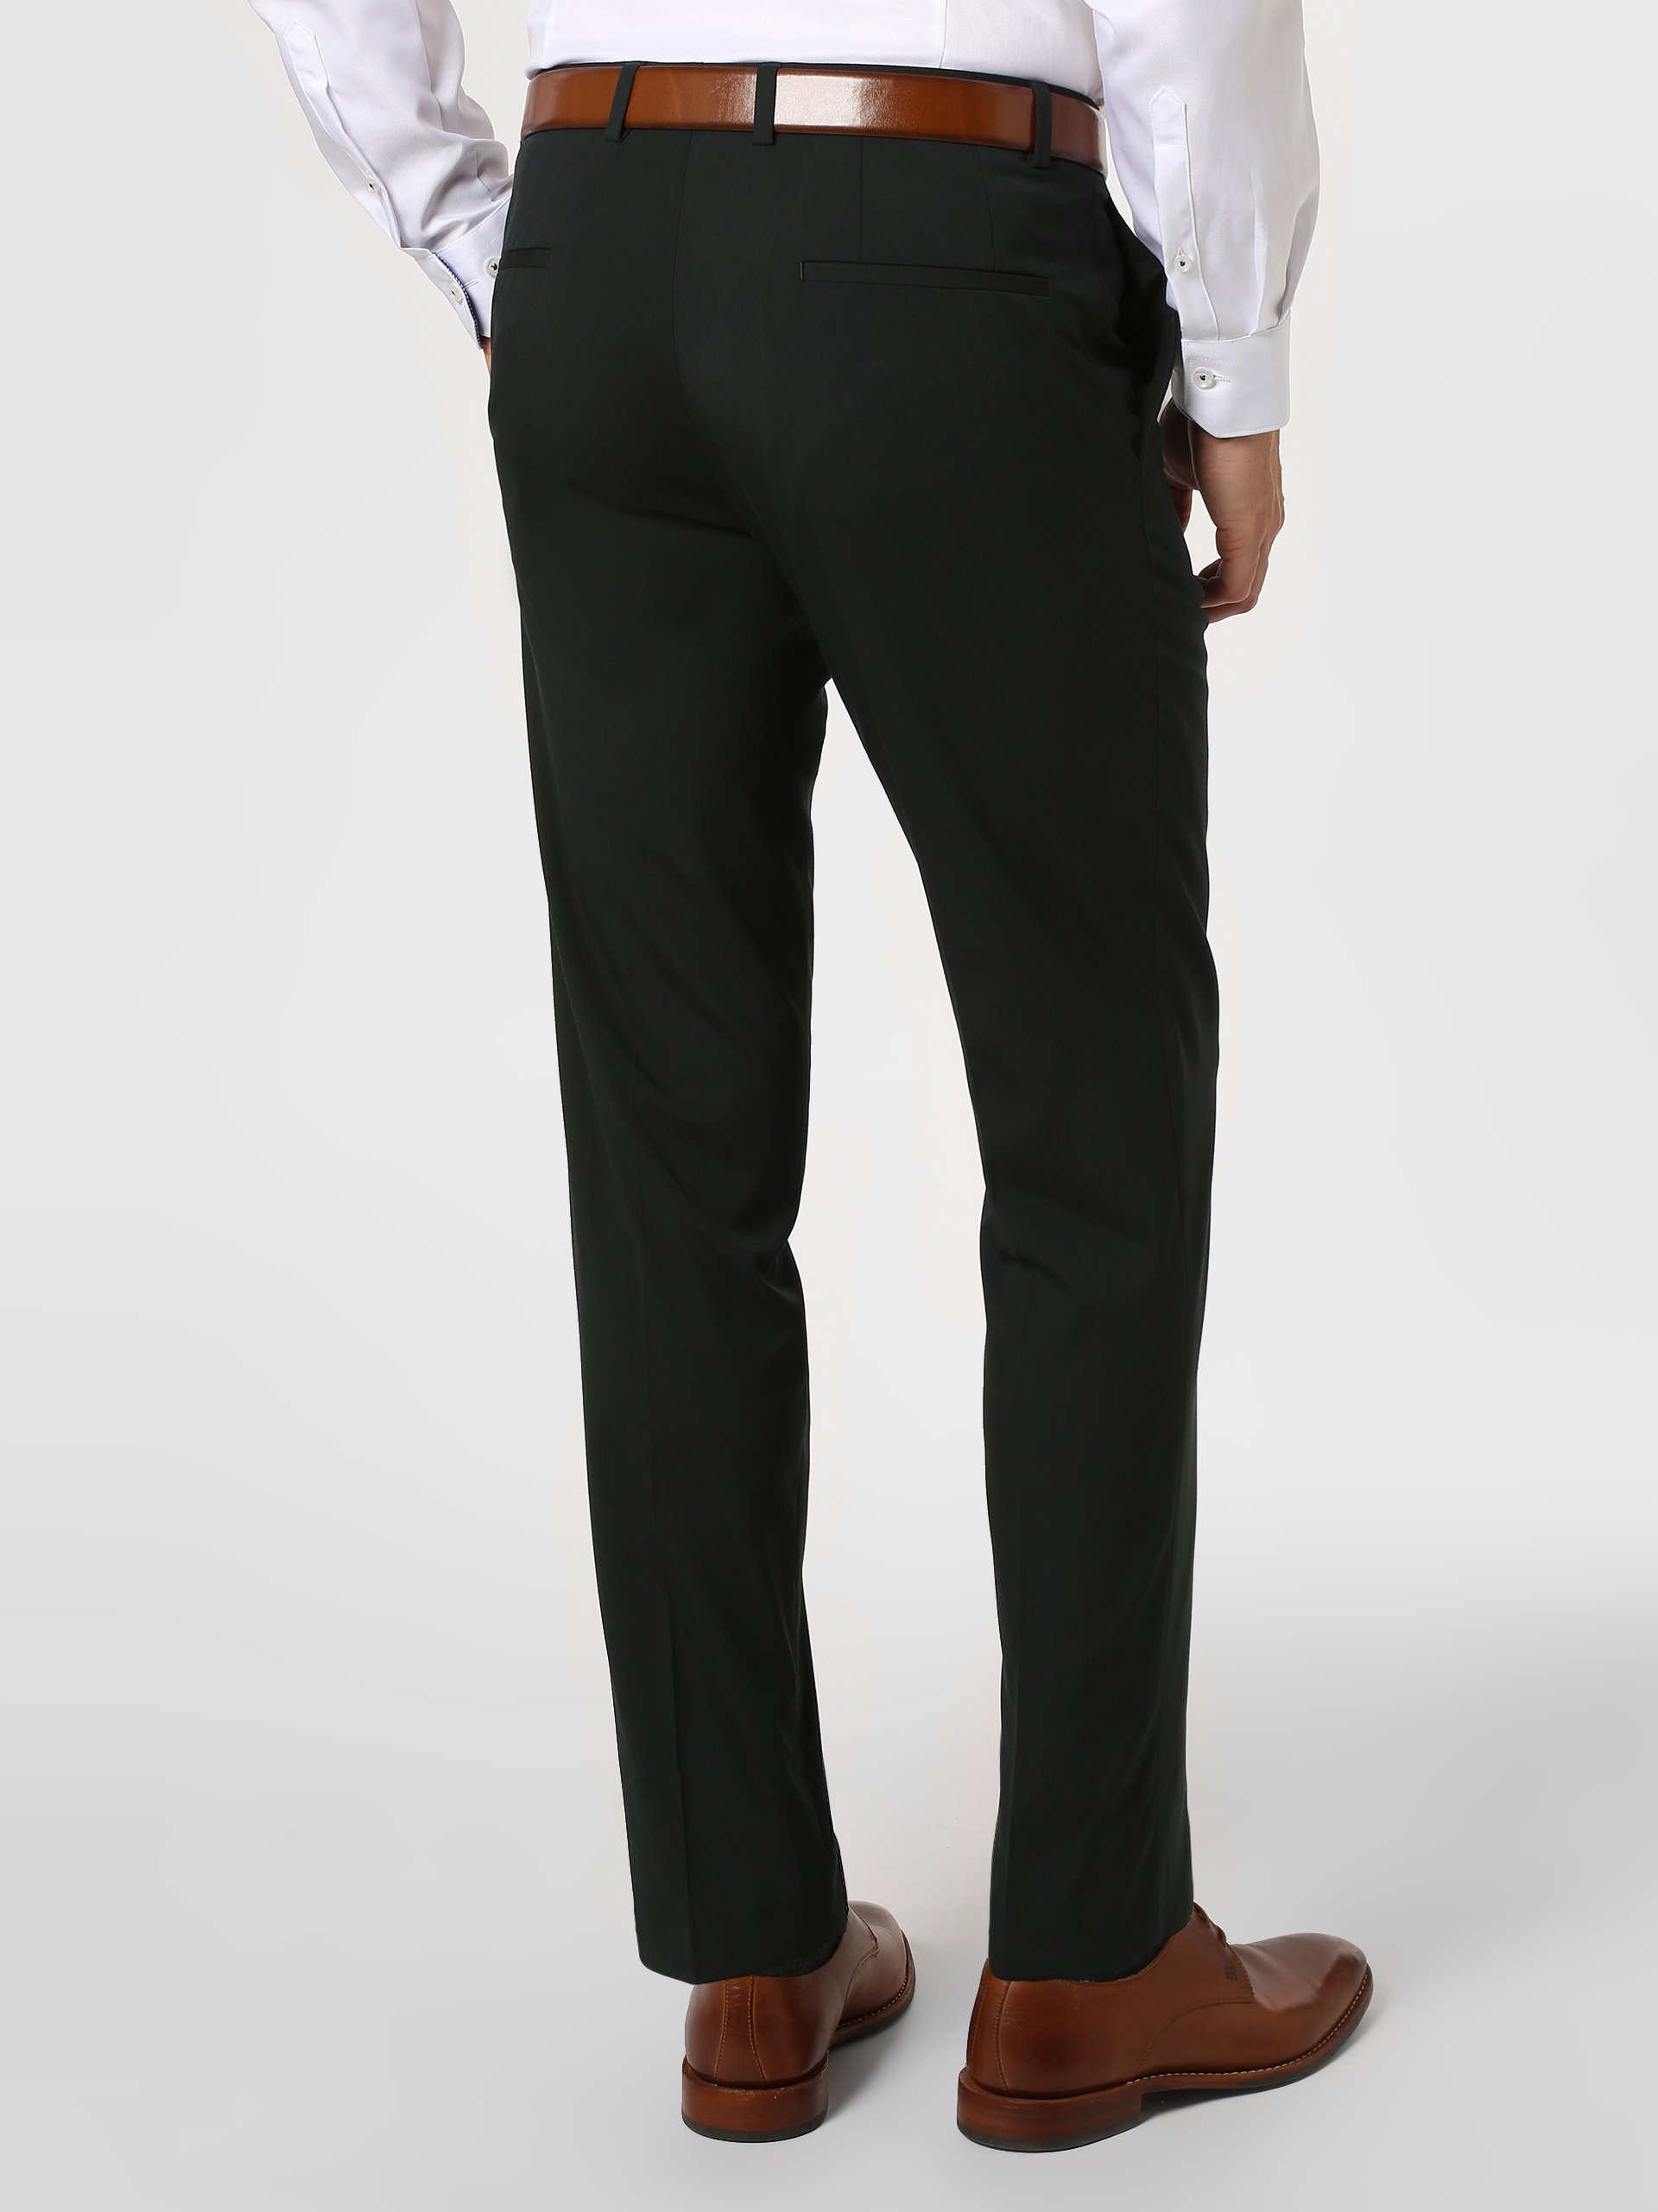 Finshley & Harding Męskie spodnie od garnituru modułowego